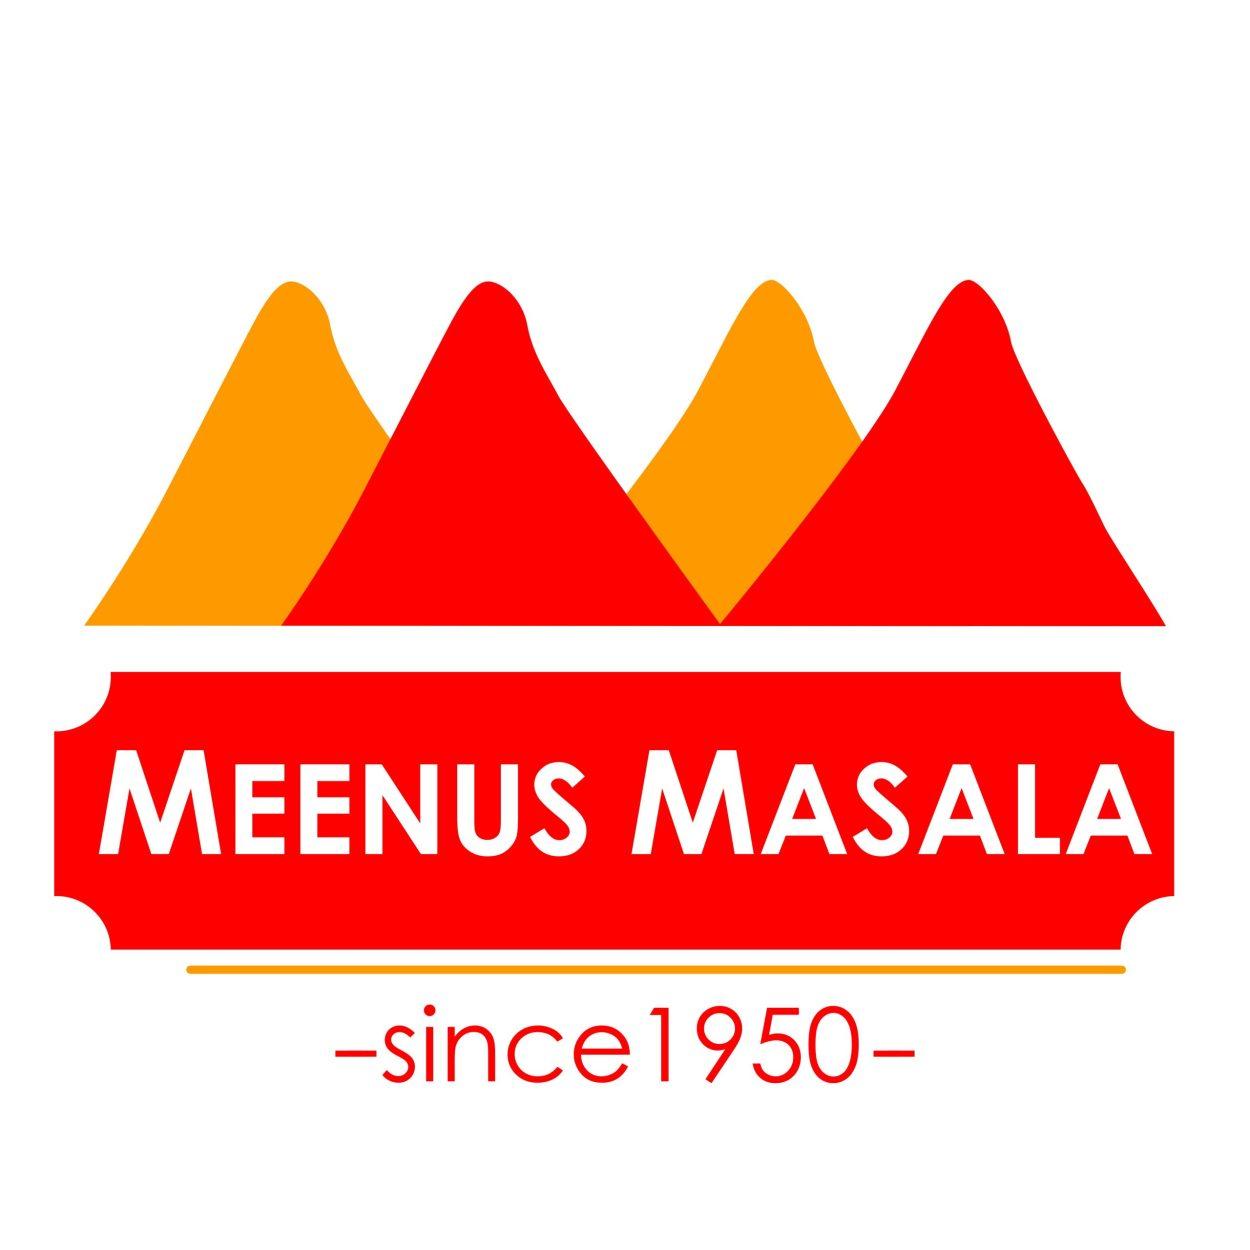 sod dev - logo- Meenus Masala logo (1)